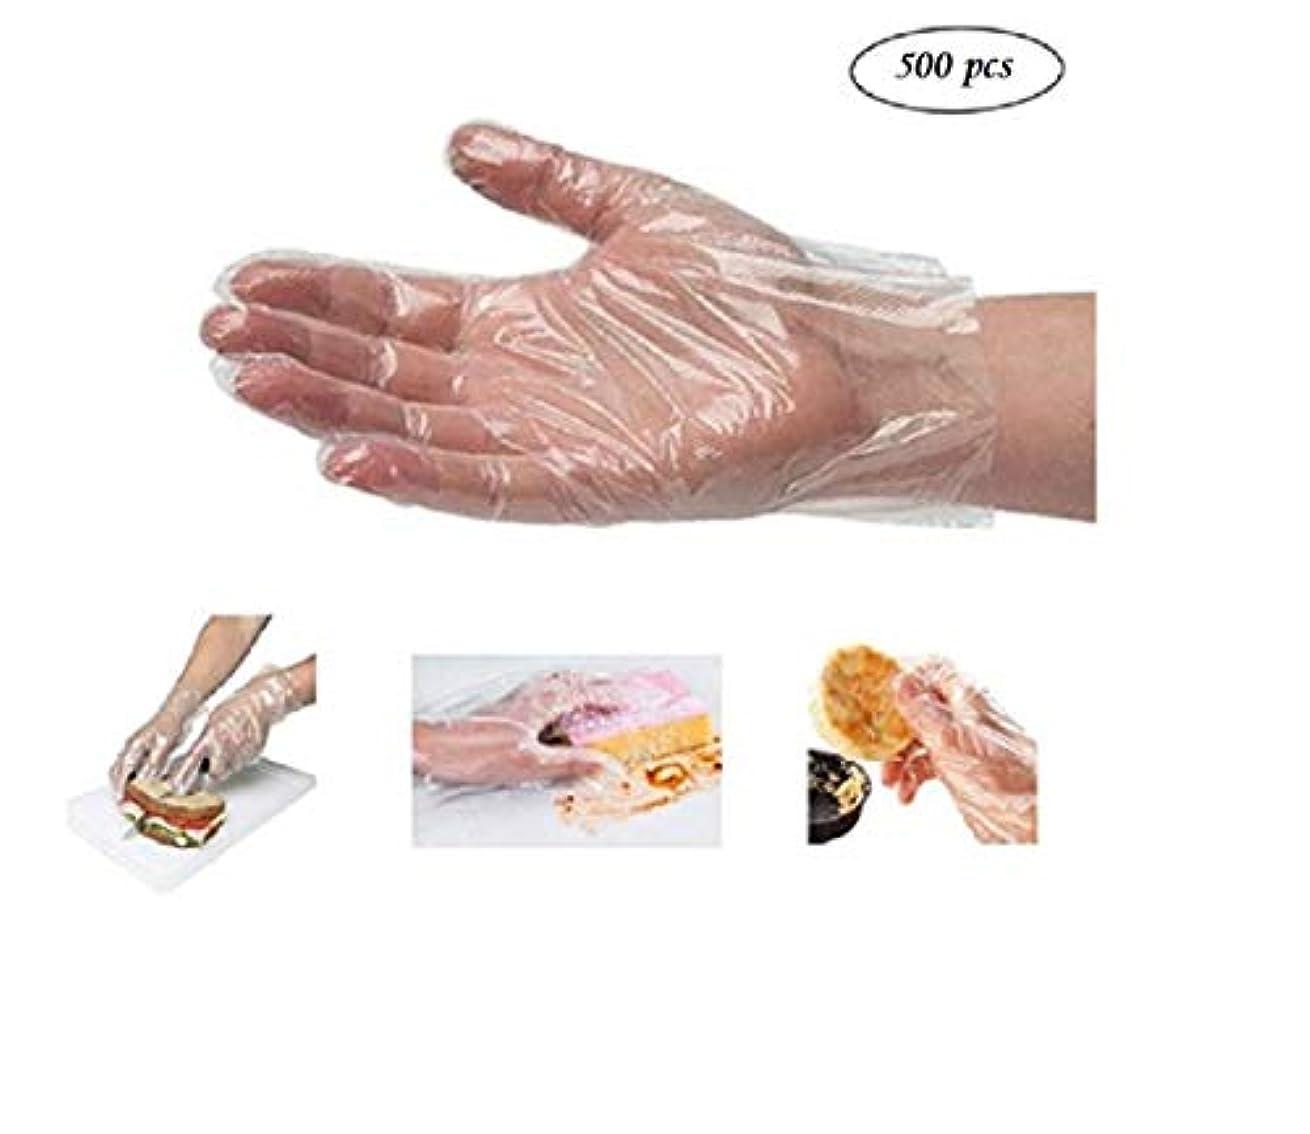 と闘う洞窟タワー(5) - BYP Clear Disposable Plastic High Density Polyethylene Gloves Sterile Disposable Safety Gloves(500 Sheets...